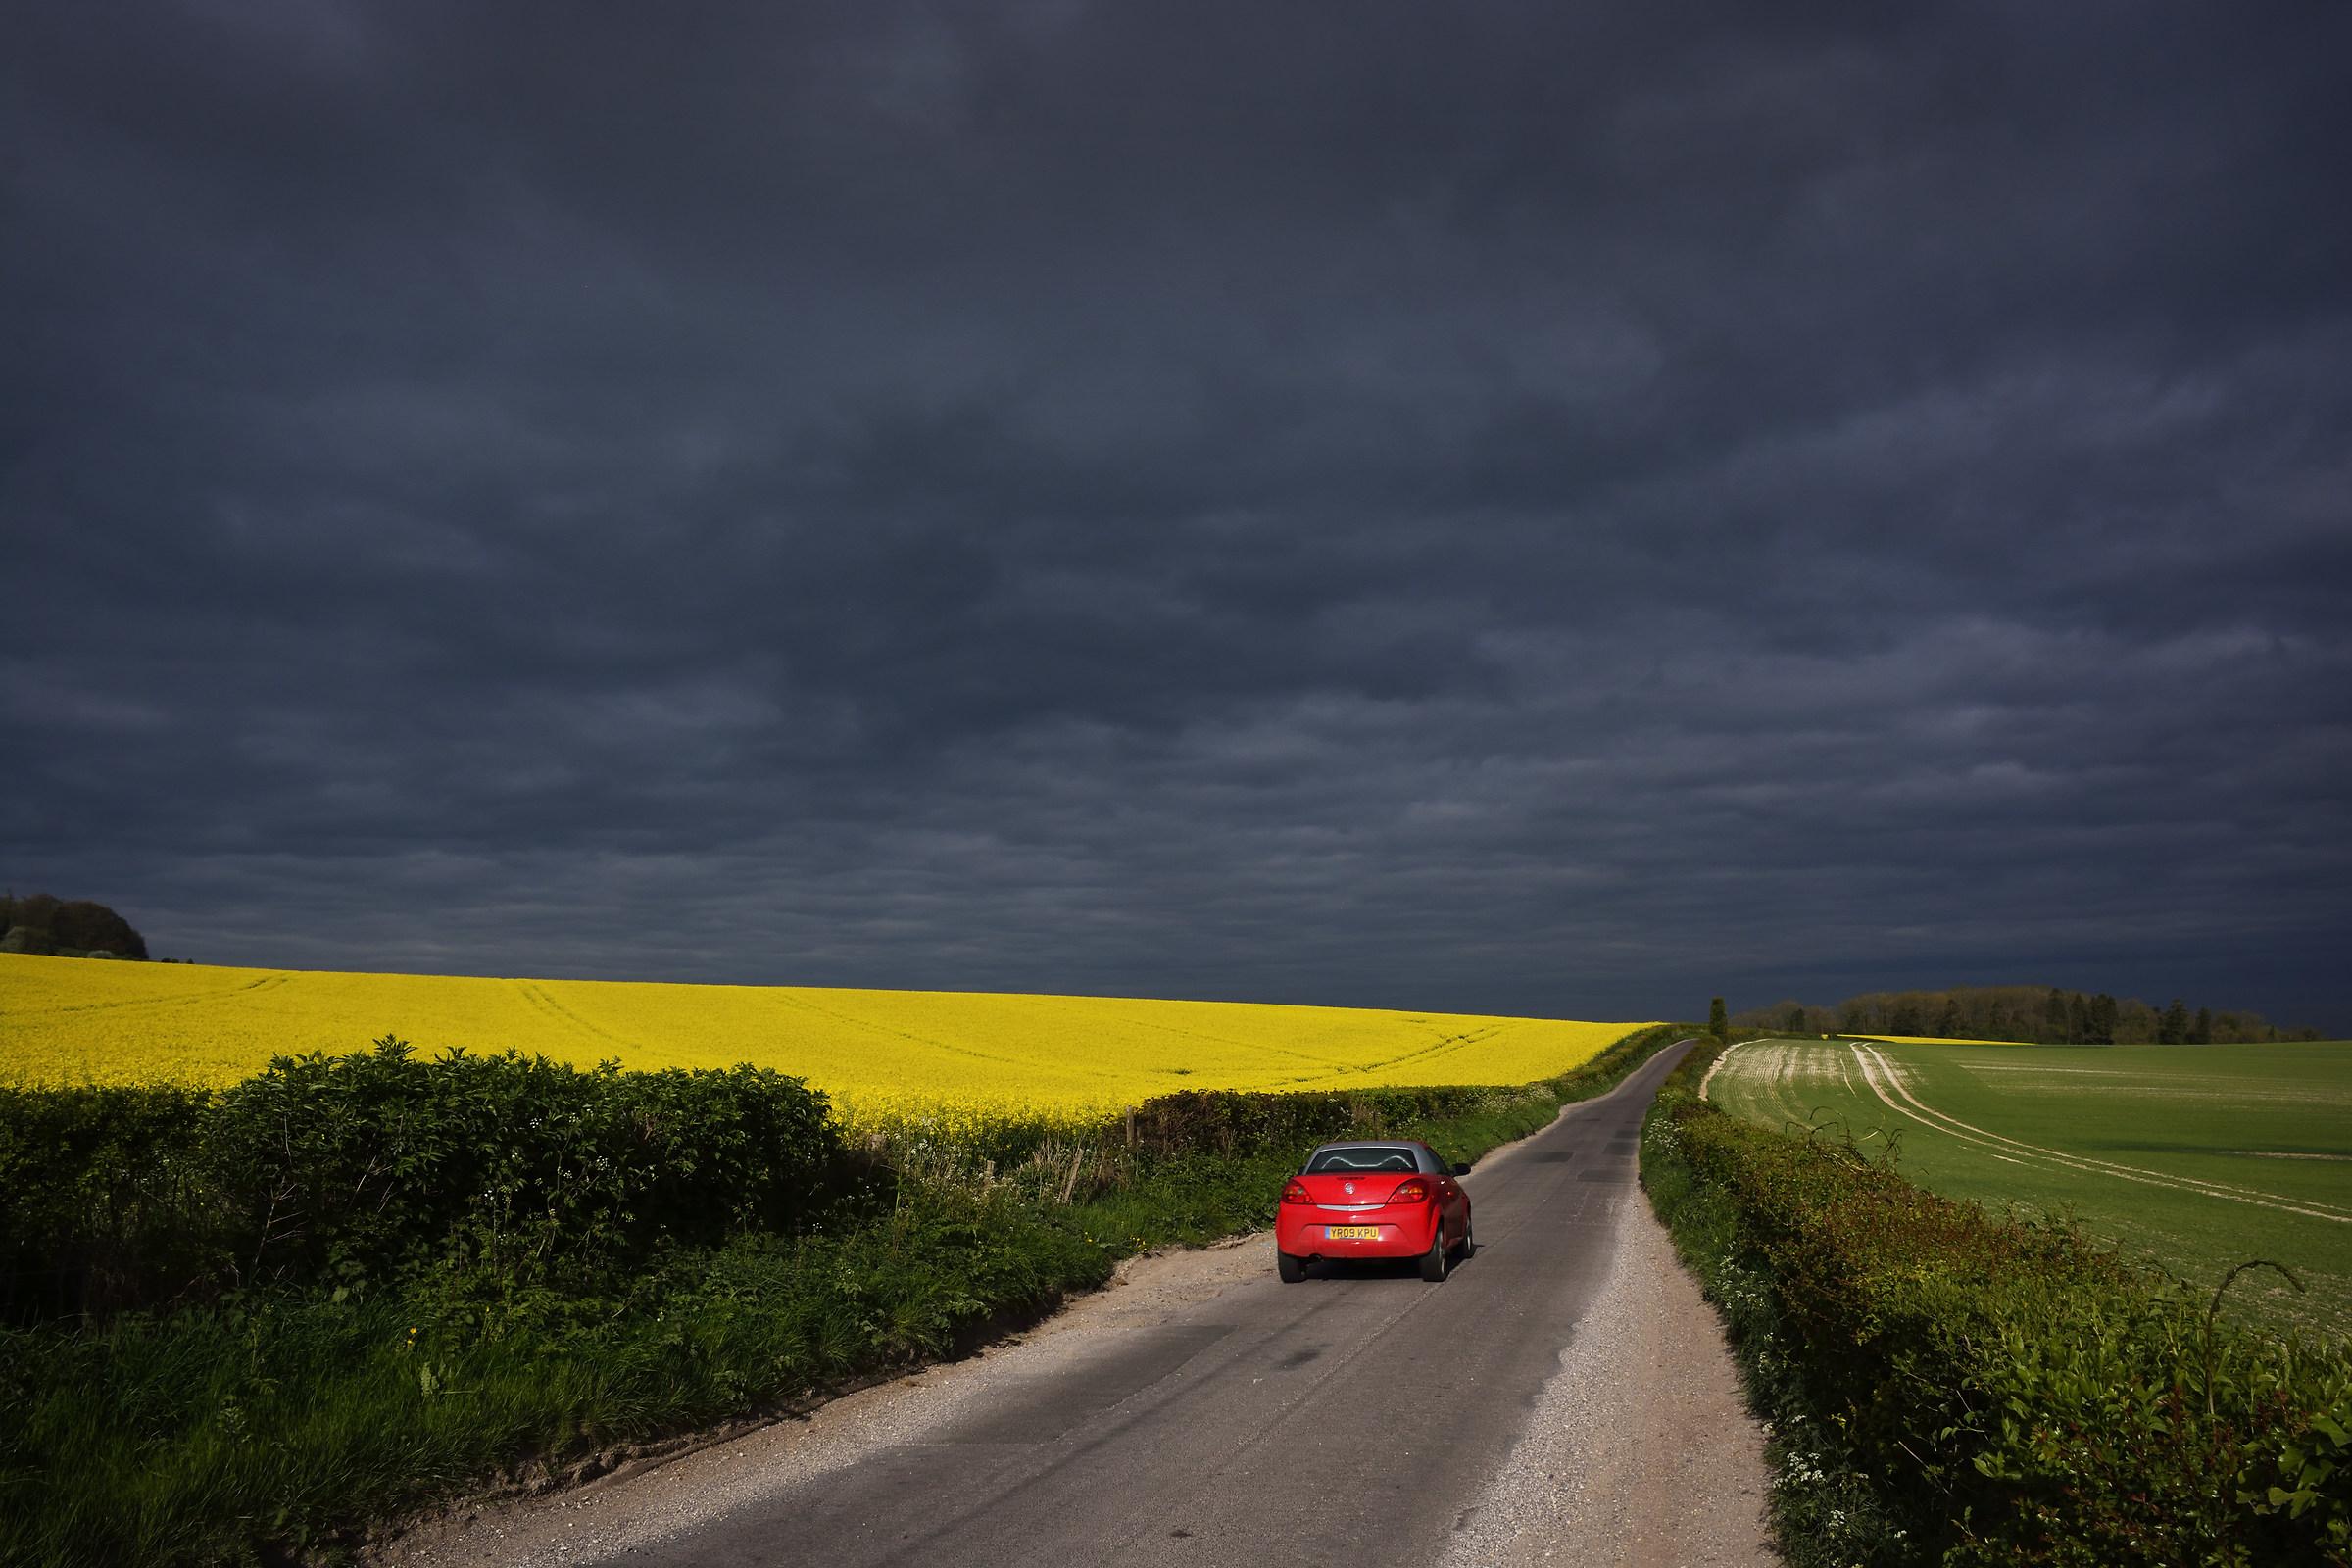 'Red Car' (il nuovo mega flash di Nikon!)...